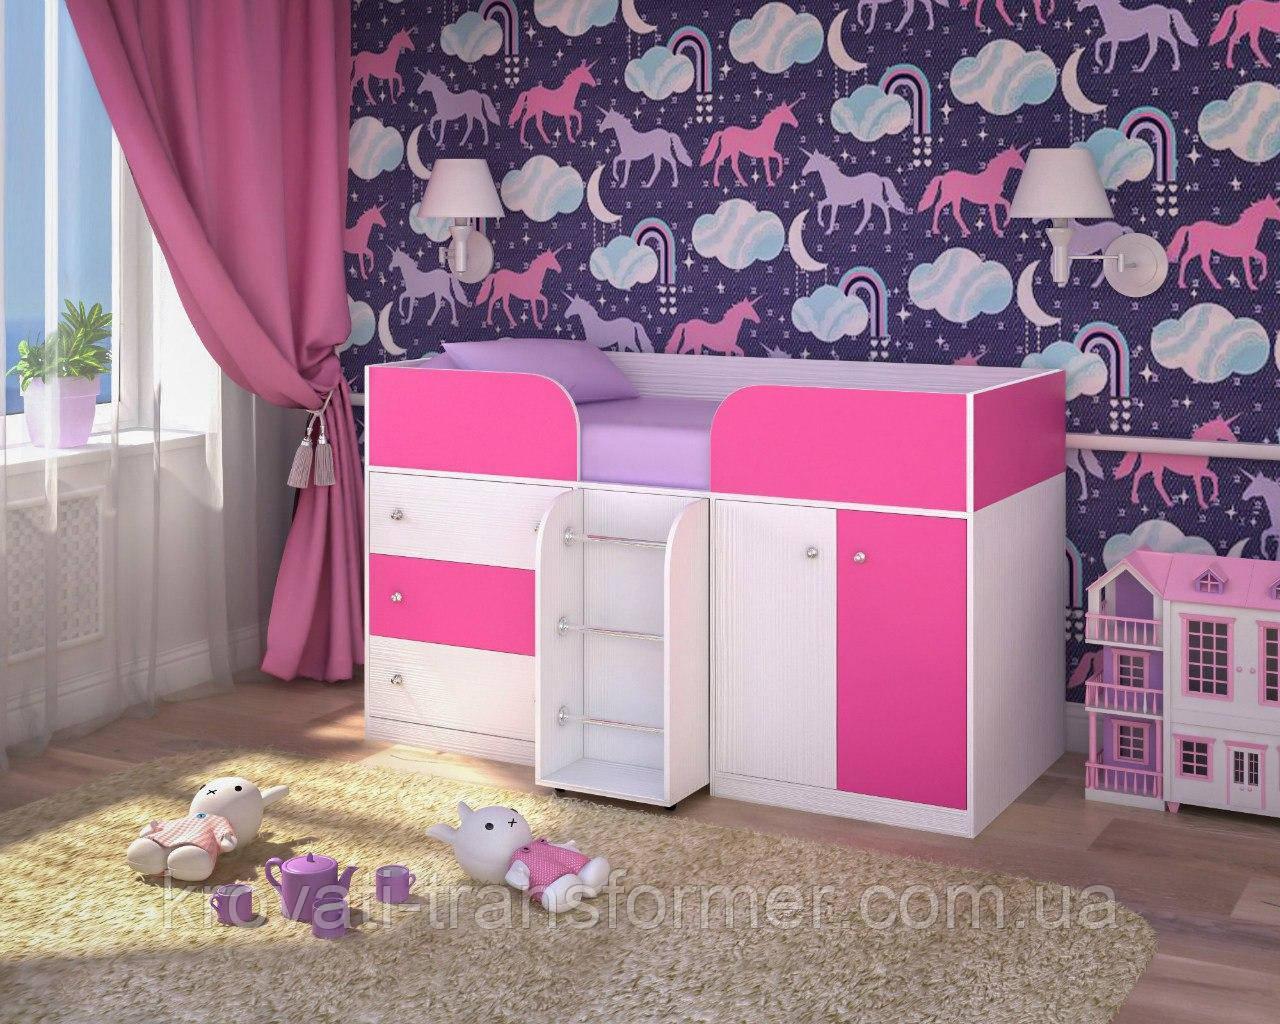 """Детская кровать чердак """"Карлсон"""" Молочный дуб+Розовый"""